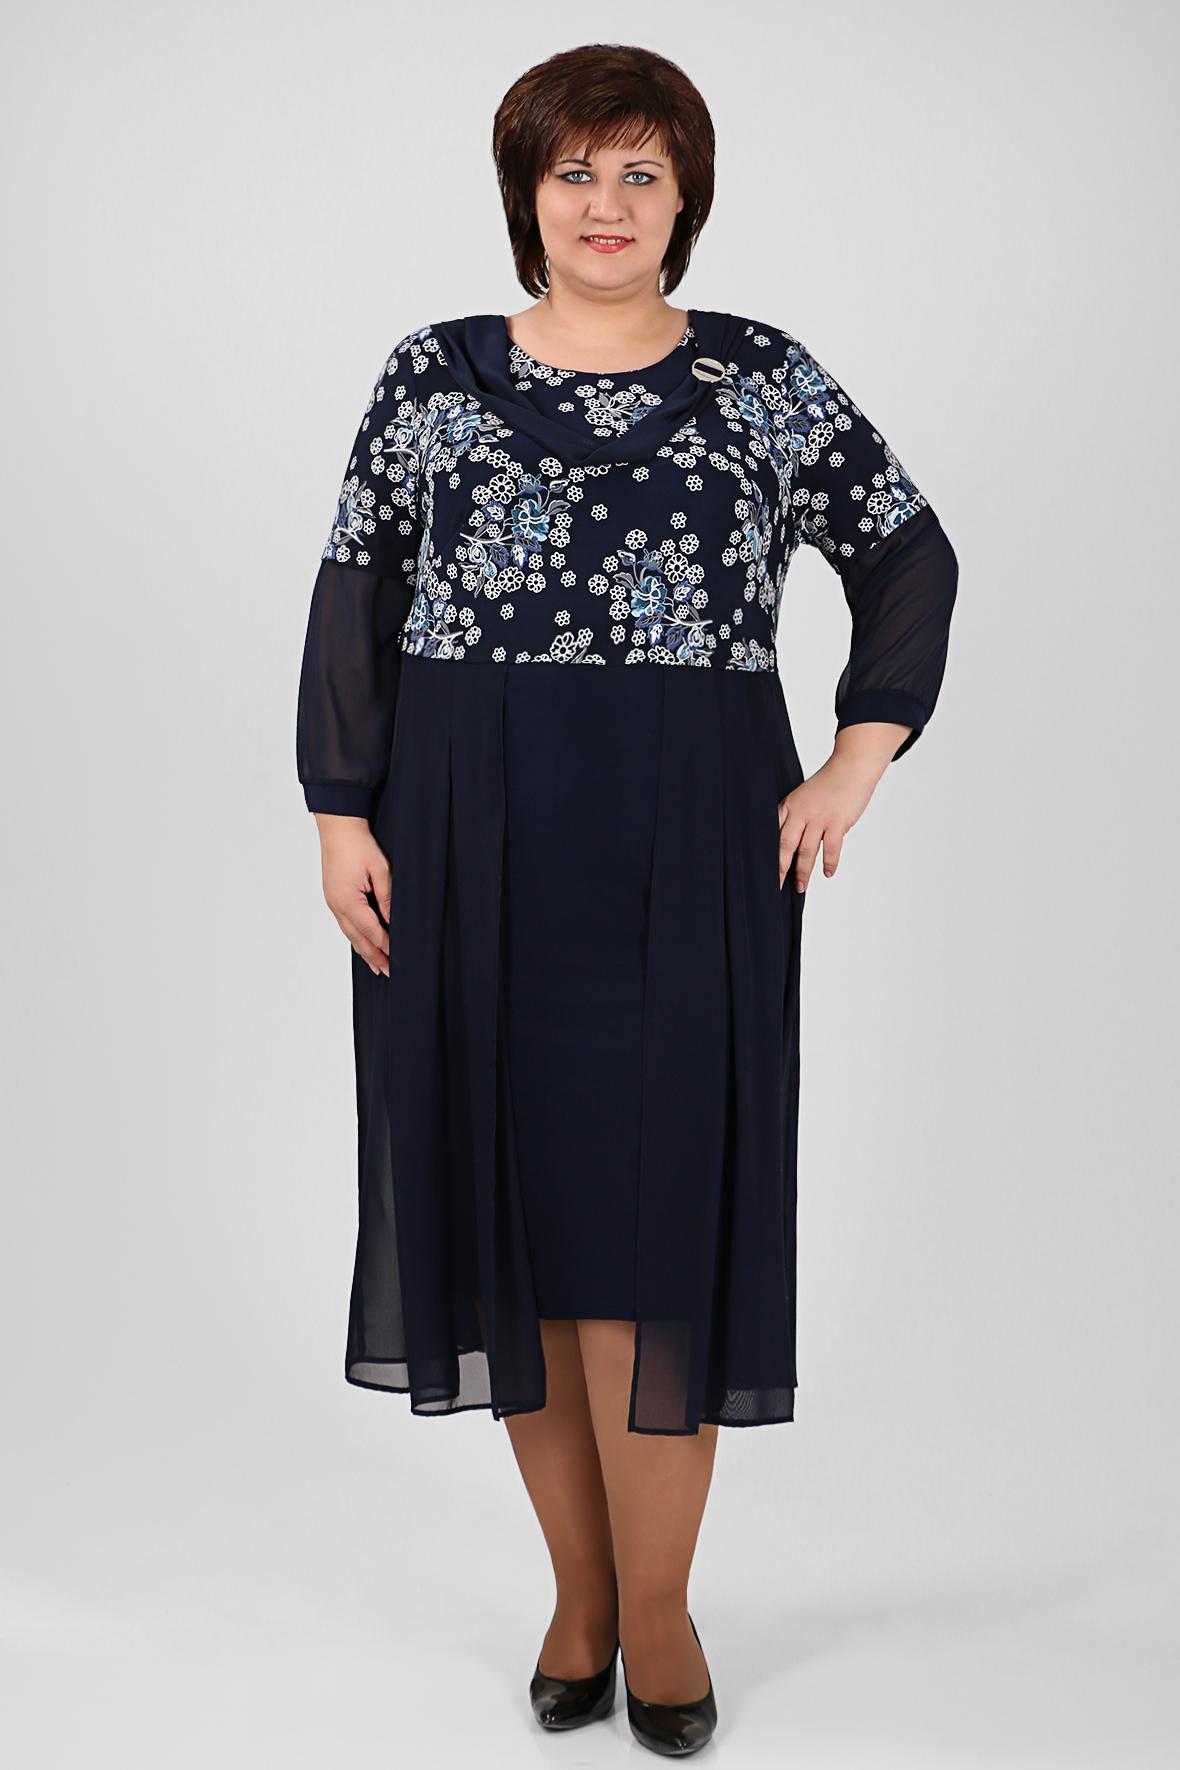 Бьютифулл Рф Женская Одежда От 40 До 74 Размеров Интернет Магазин